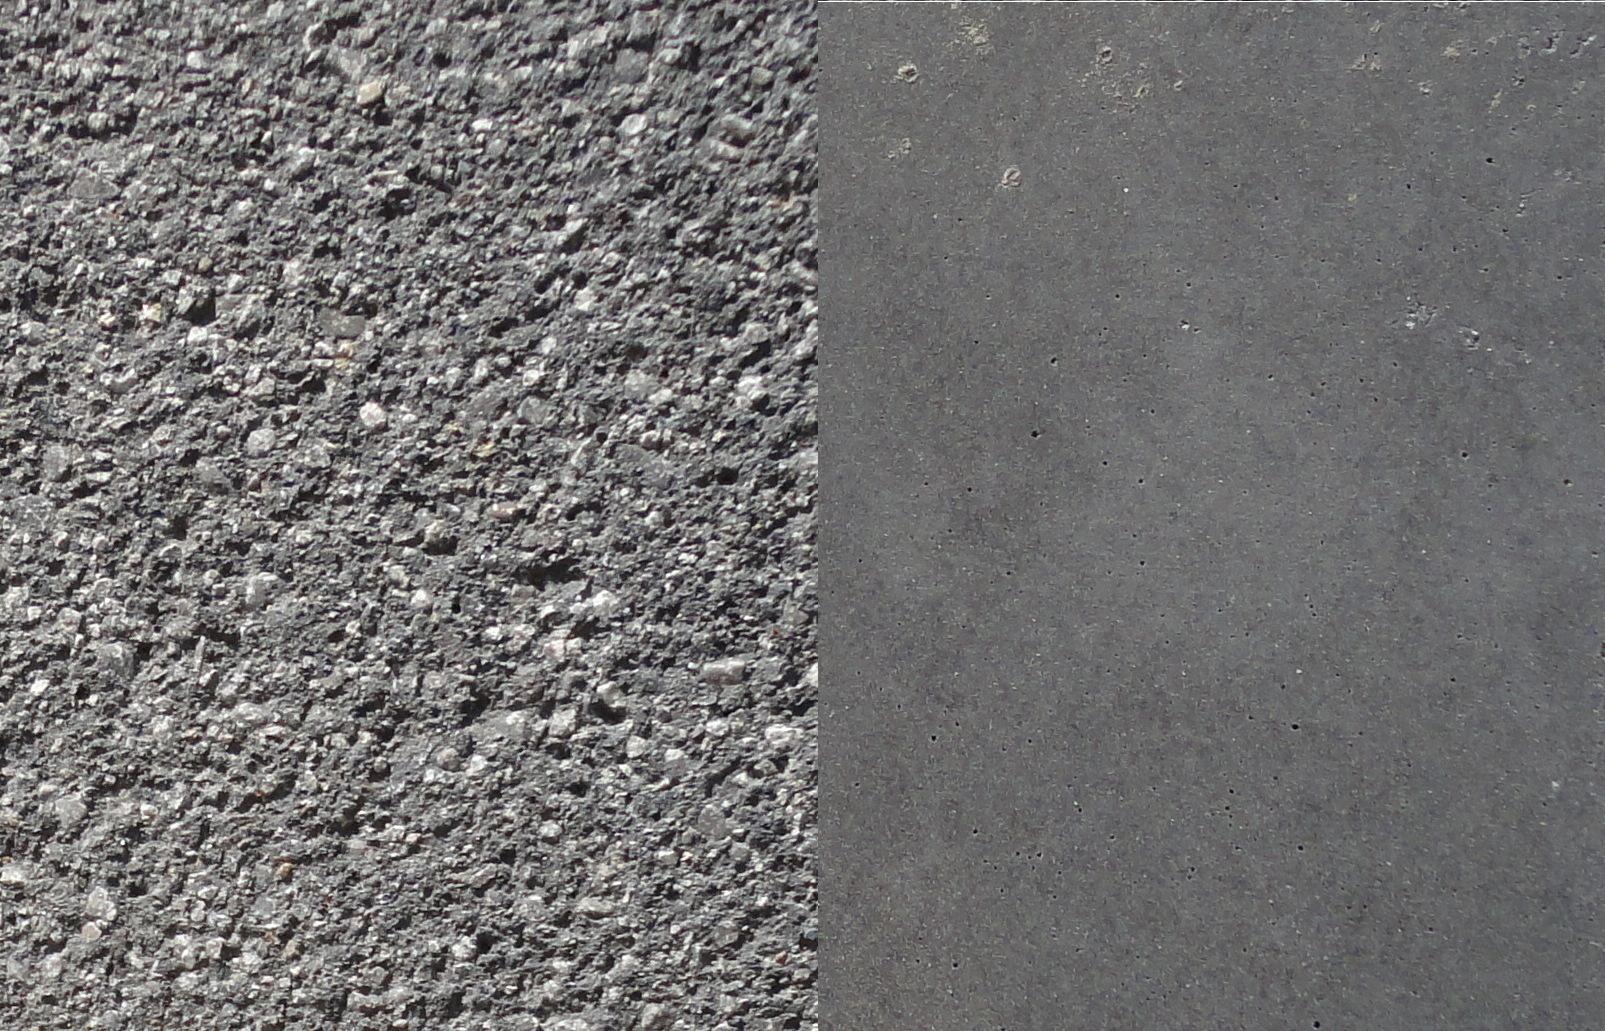 Farbe: Basaltgrau, Farbnummer: 17, sandgestrahlt/schalrein